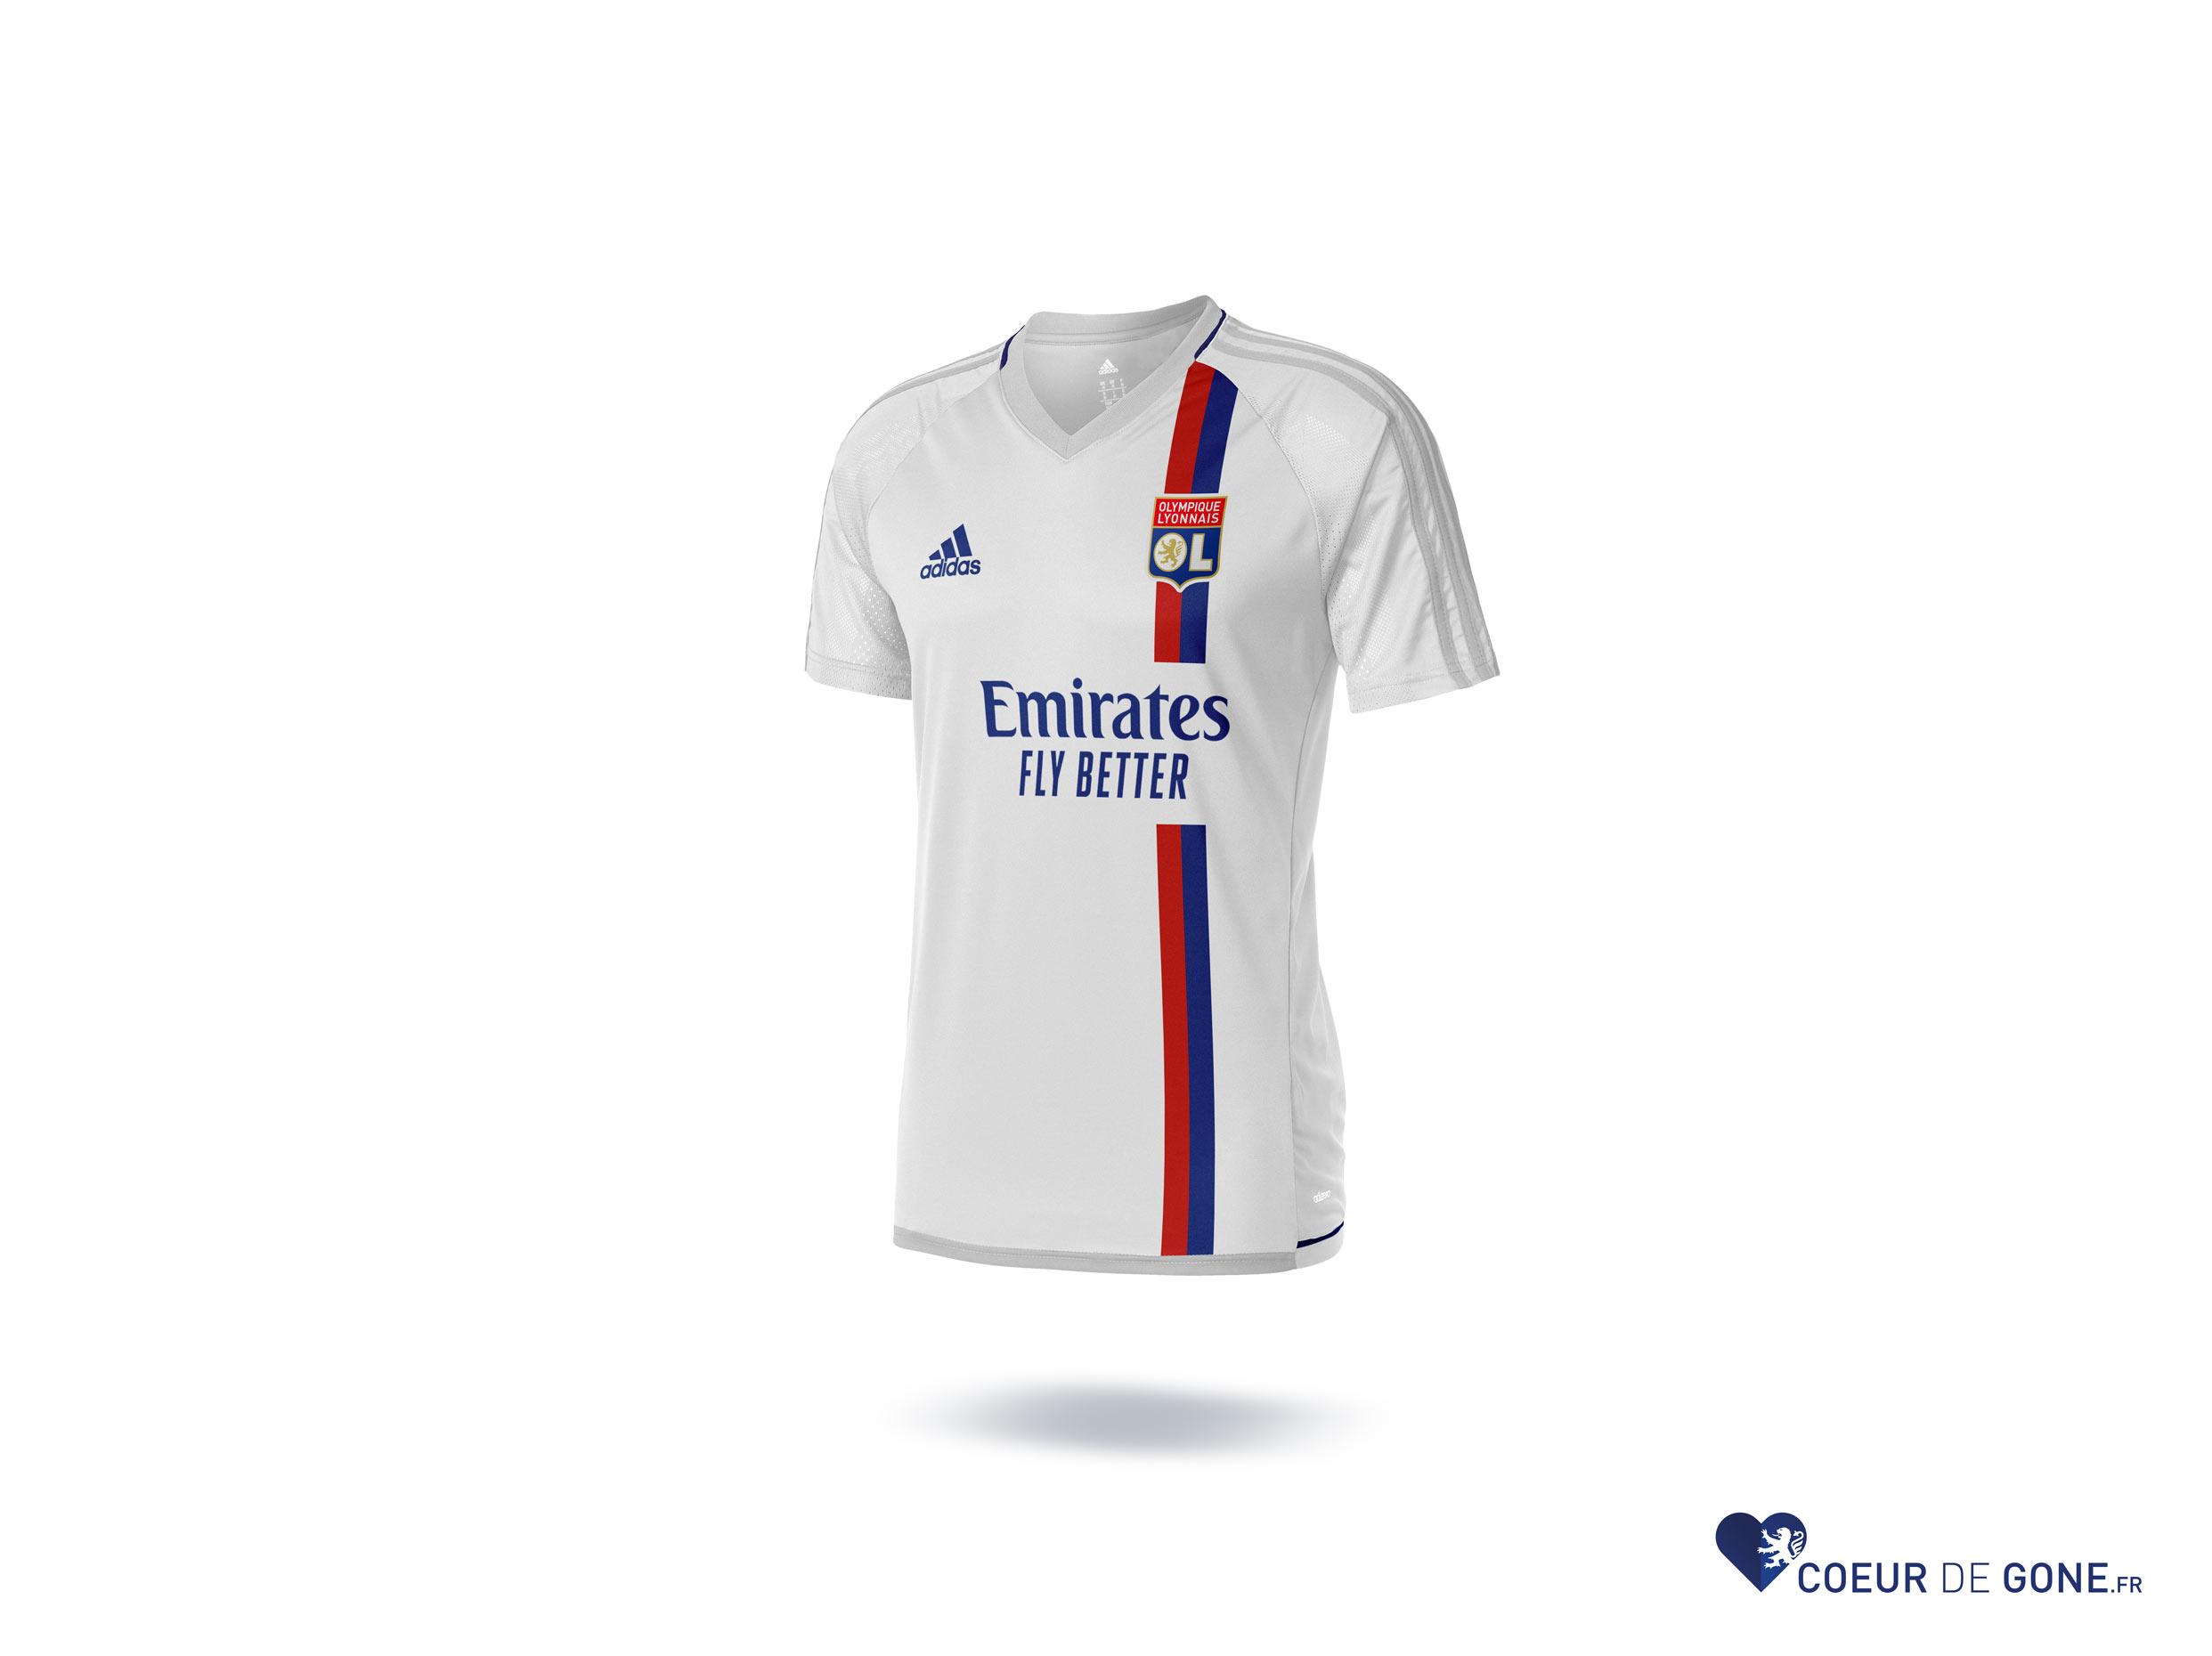 Nos propositions pour les nouveaux maillots 2020-2021